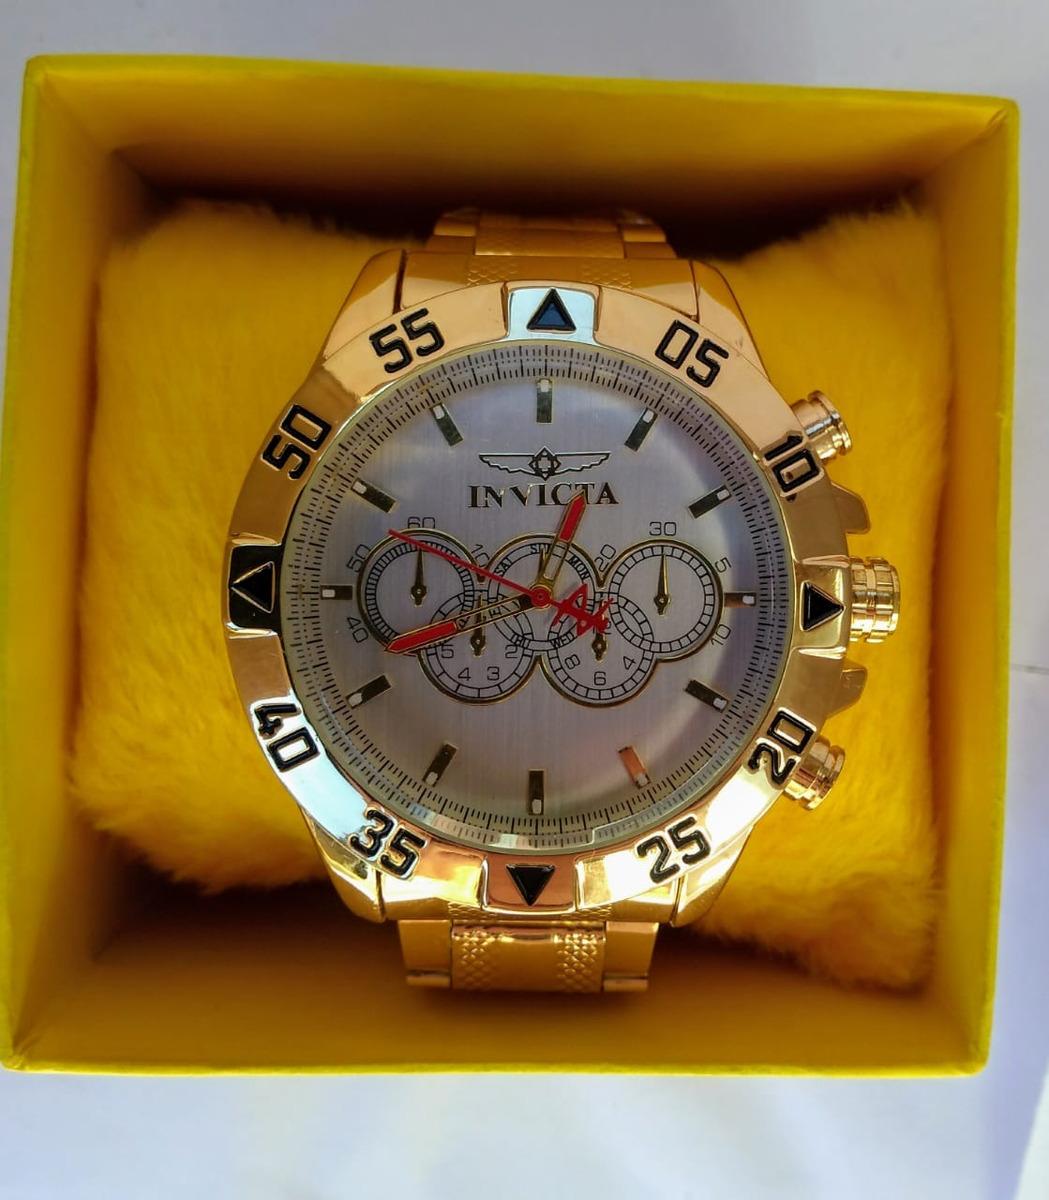 16562325c6d7e Relogio Masculino Dourado Luxo Atacado Revender Promoção C 5 - R  149